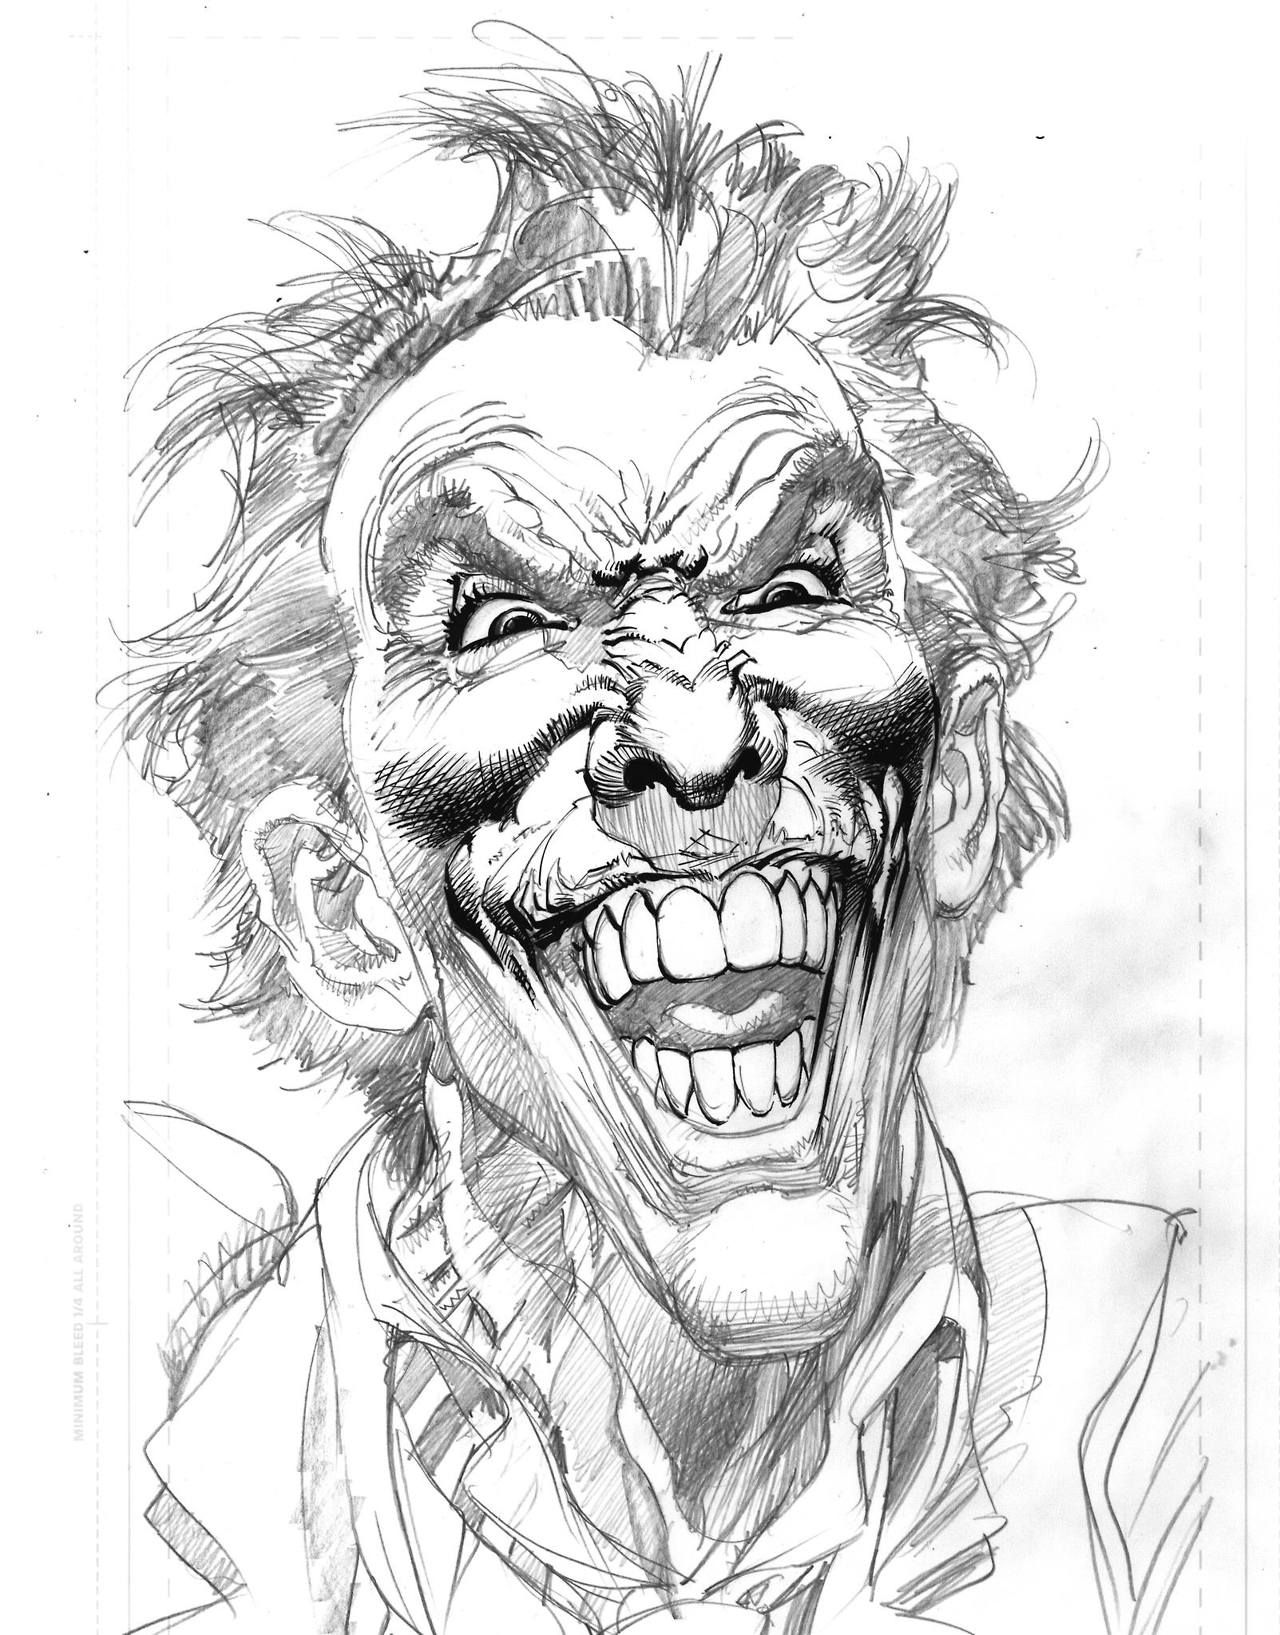 The Joker By Neal Adams